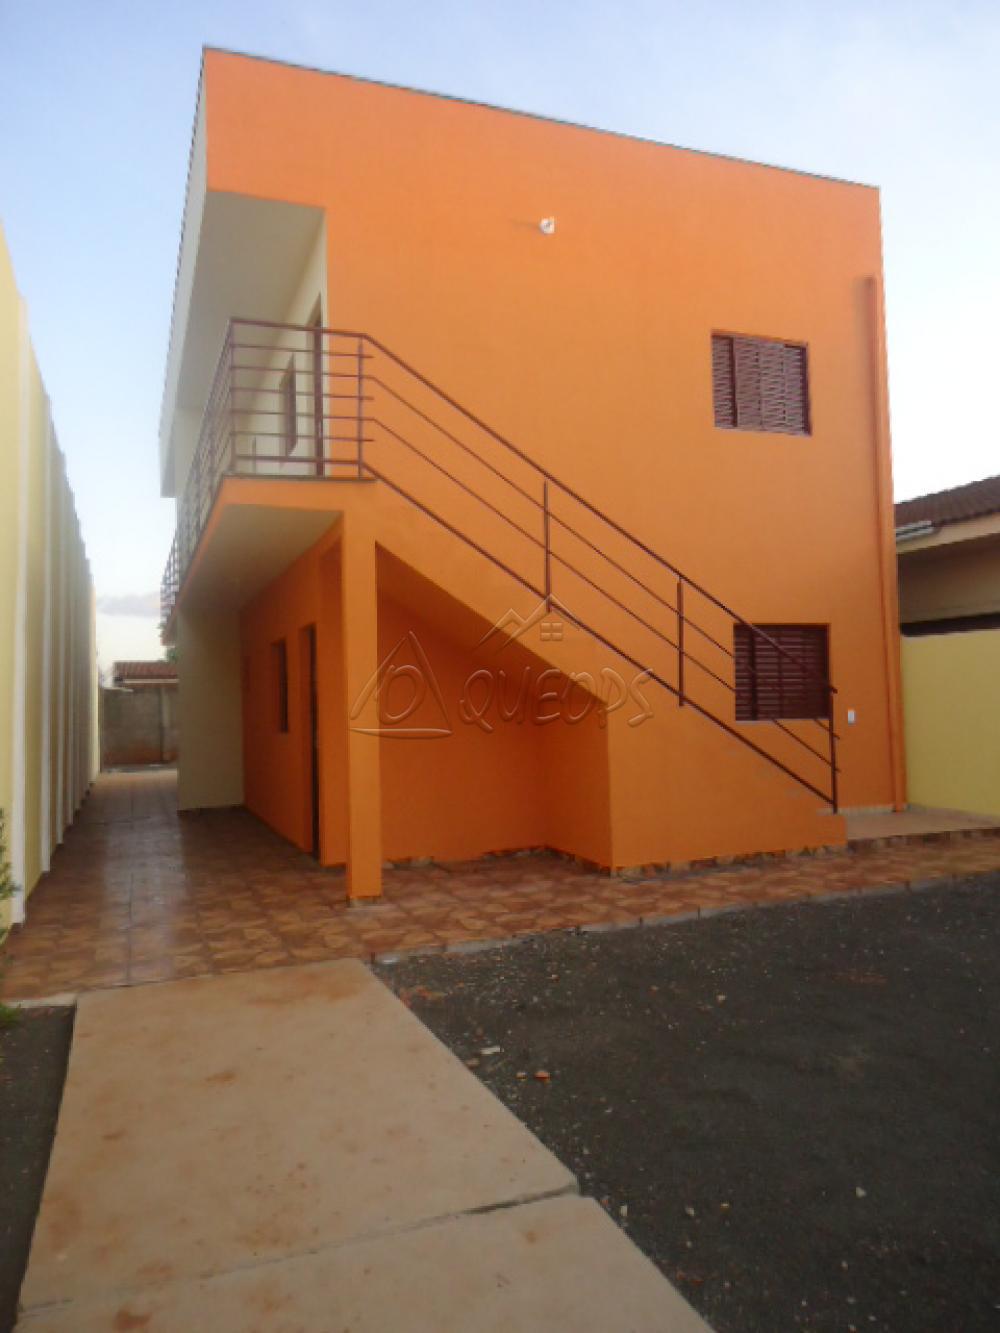 Comprar Casa / Padrão em Barretos apenas R$ 460.000,00 - Foto 3